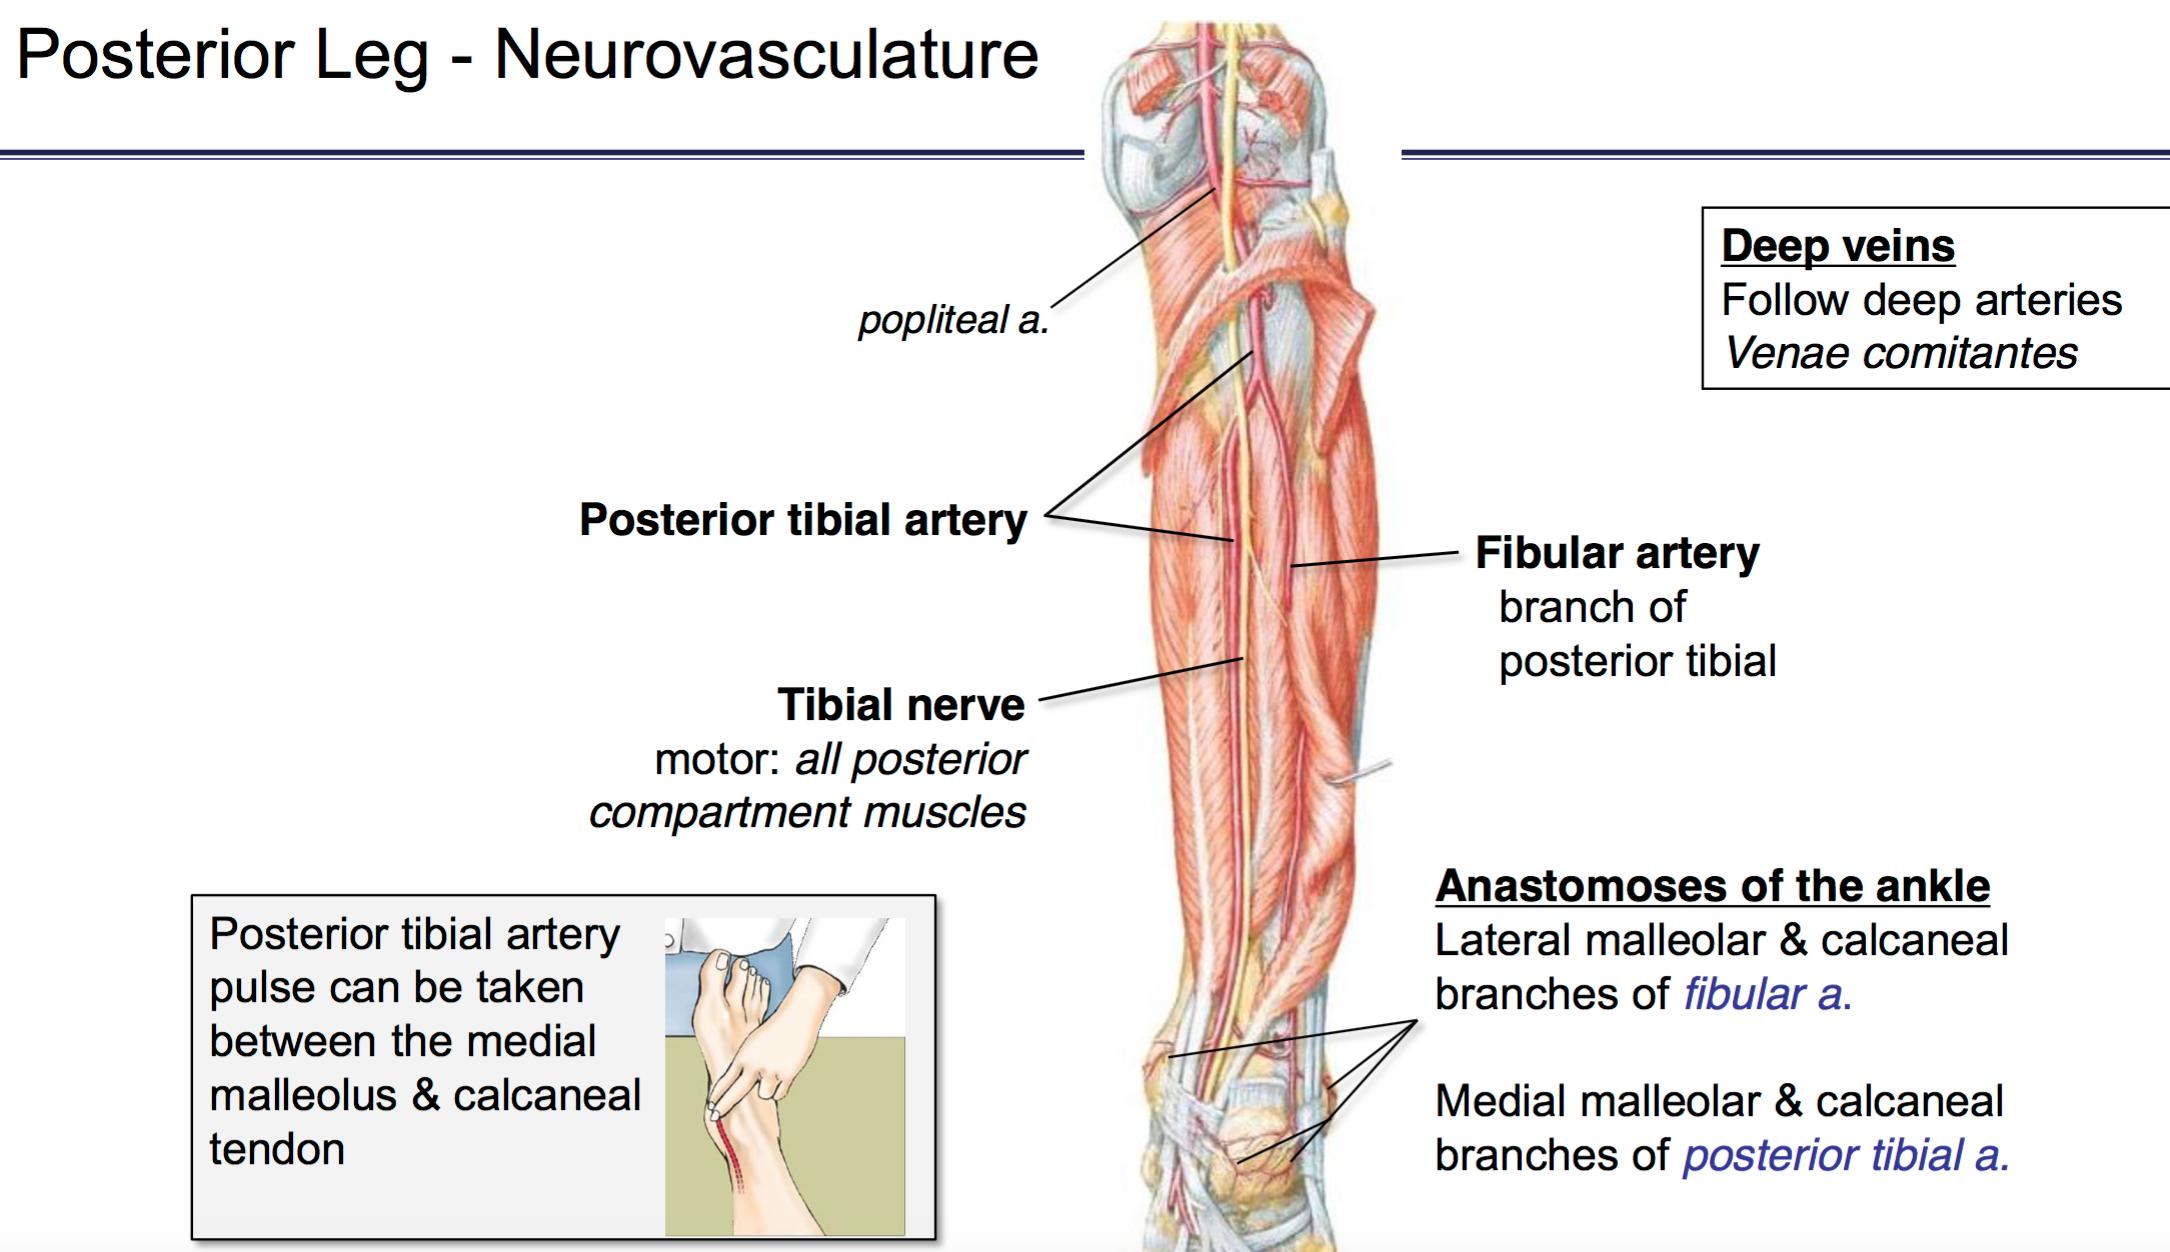 Fg Anatomy G46 Popliteal Fossa Posterior Leg Anatomy Unit 6